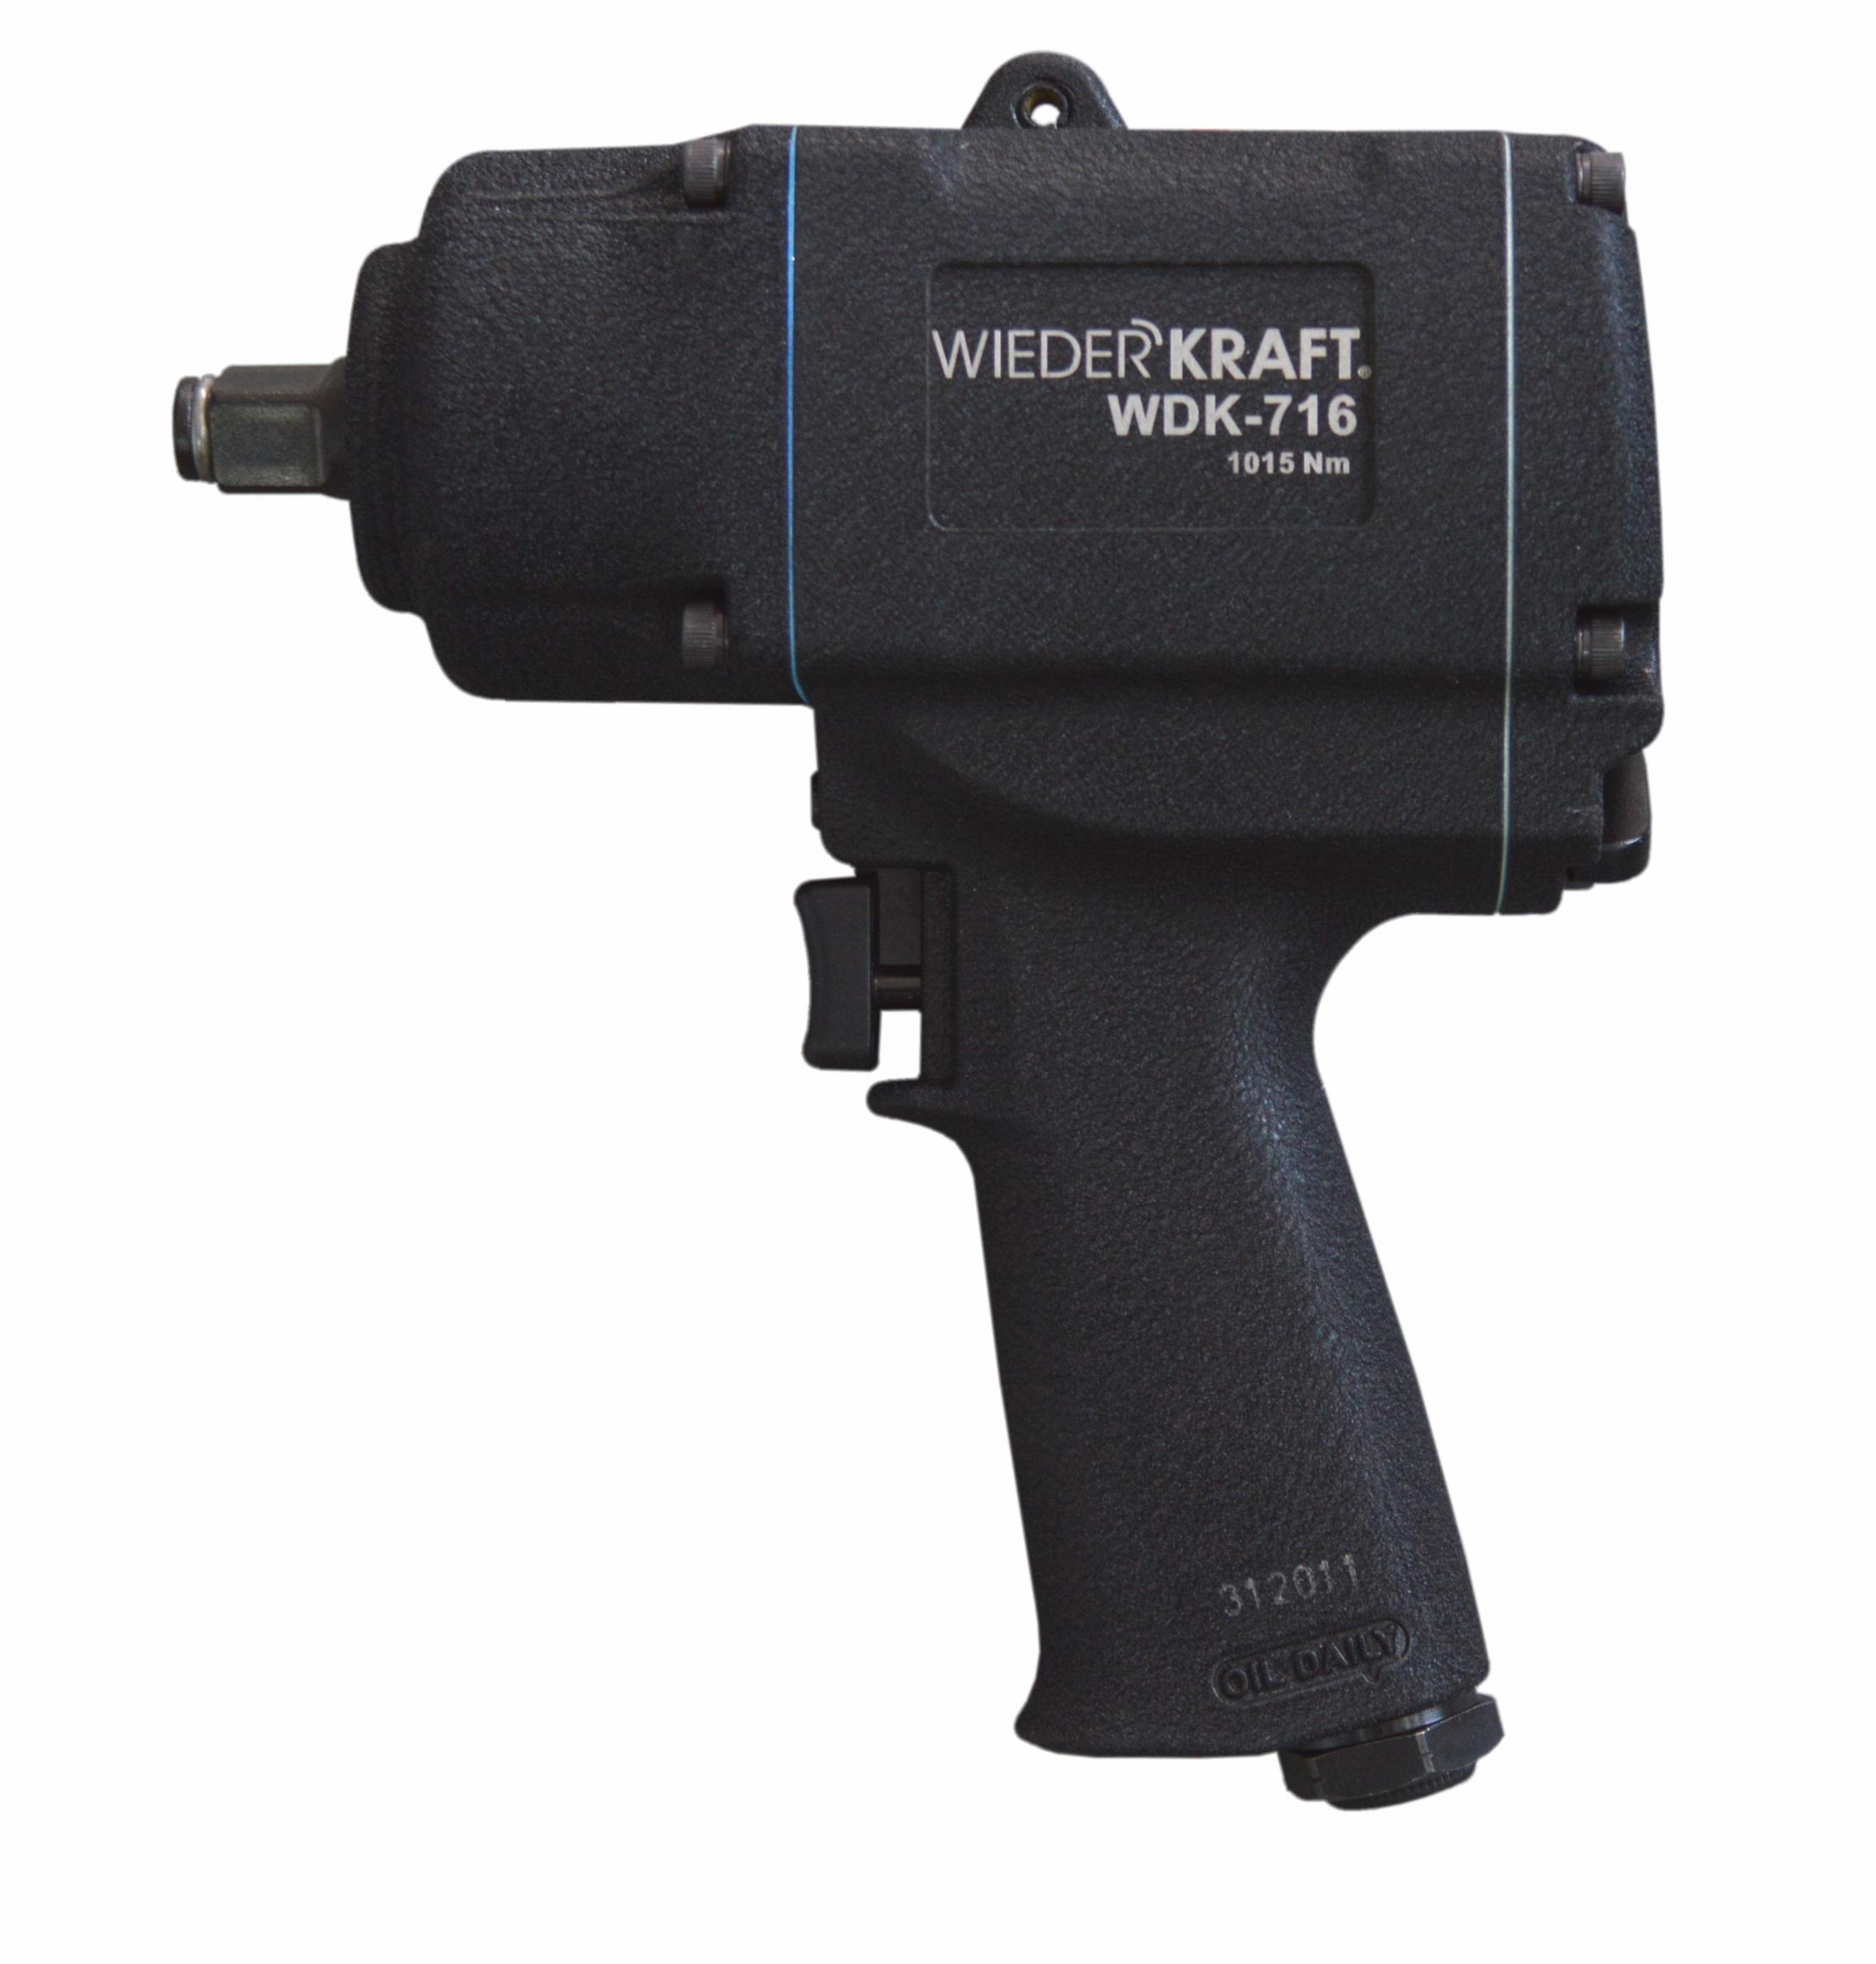 Wiederkraft WDK-716